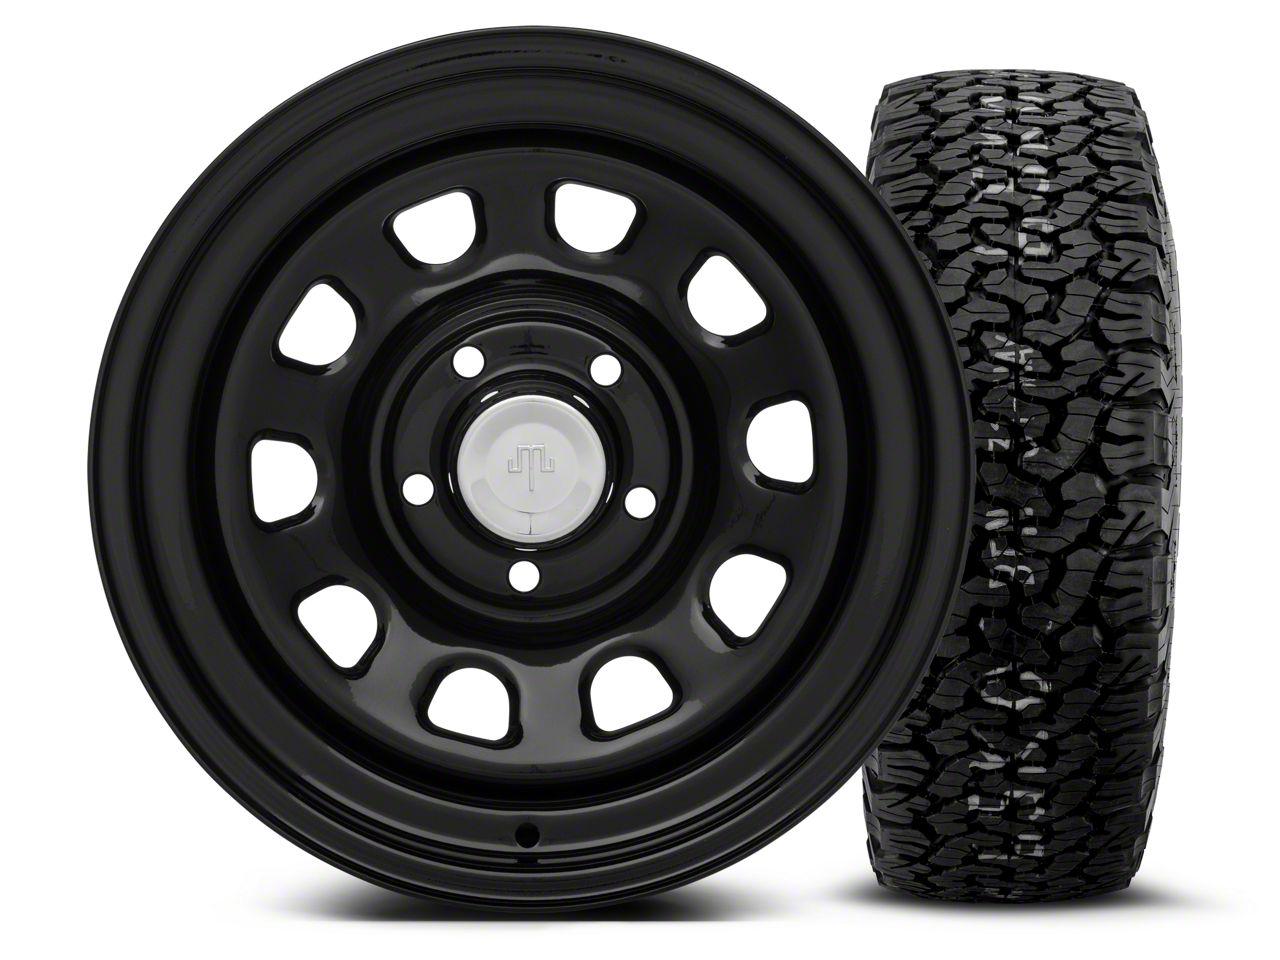 Mammoth D Window Black Steel 15x8 Wheel & BF Goodrich All Terrain TA KO2 35x12.5R15 Tire Kit (87-06 Jeep Wrangler YJ & TJ)